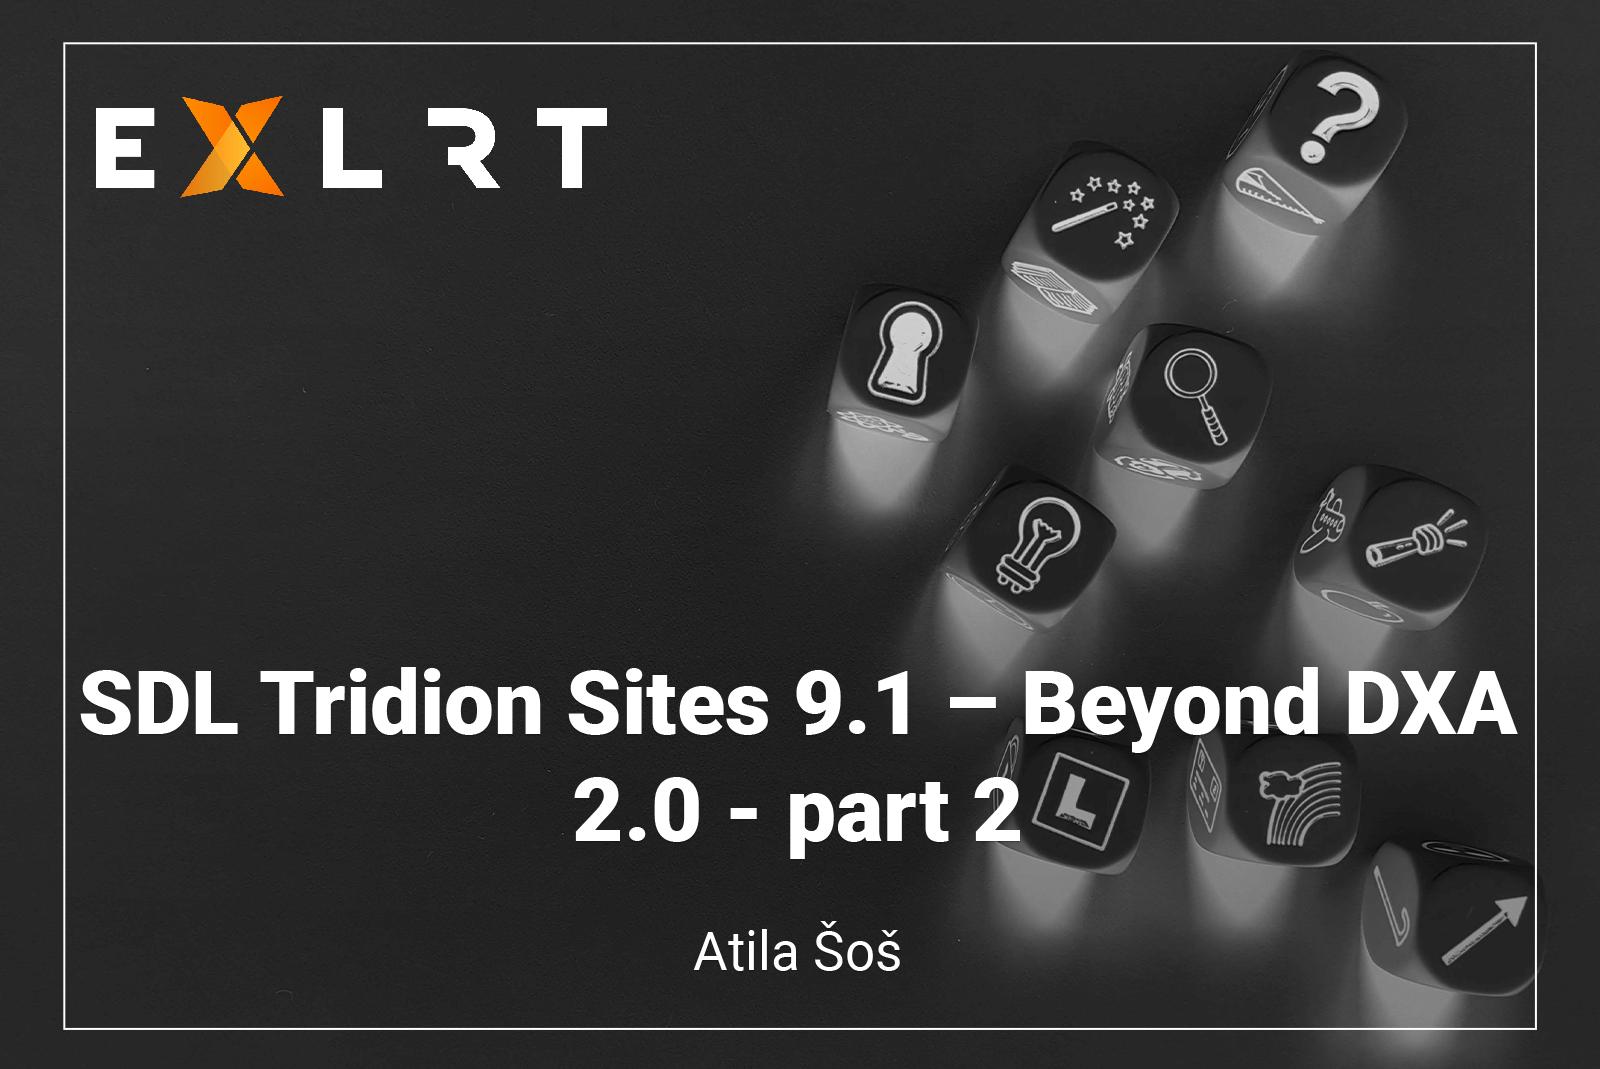 SDL Tridion Sites 9.1 – Beyond DXA 2.0 - part 2